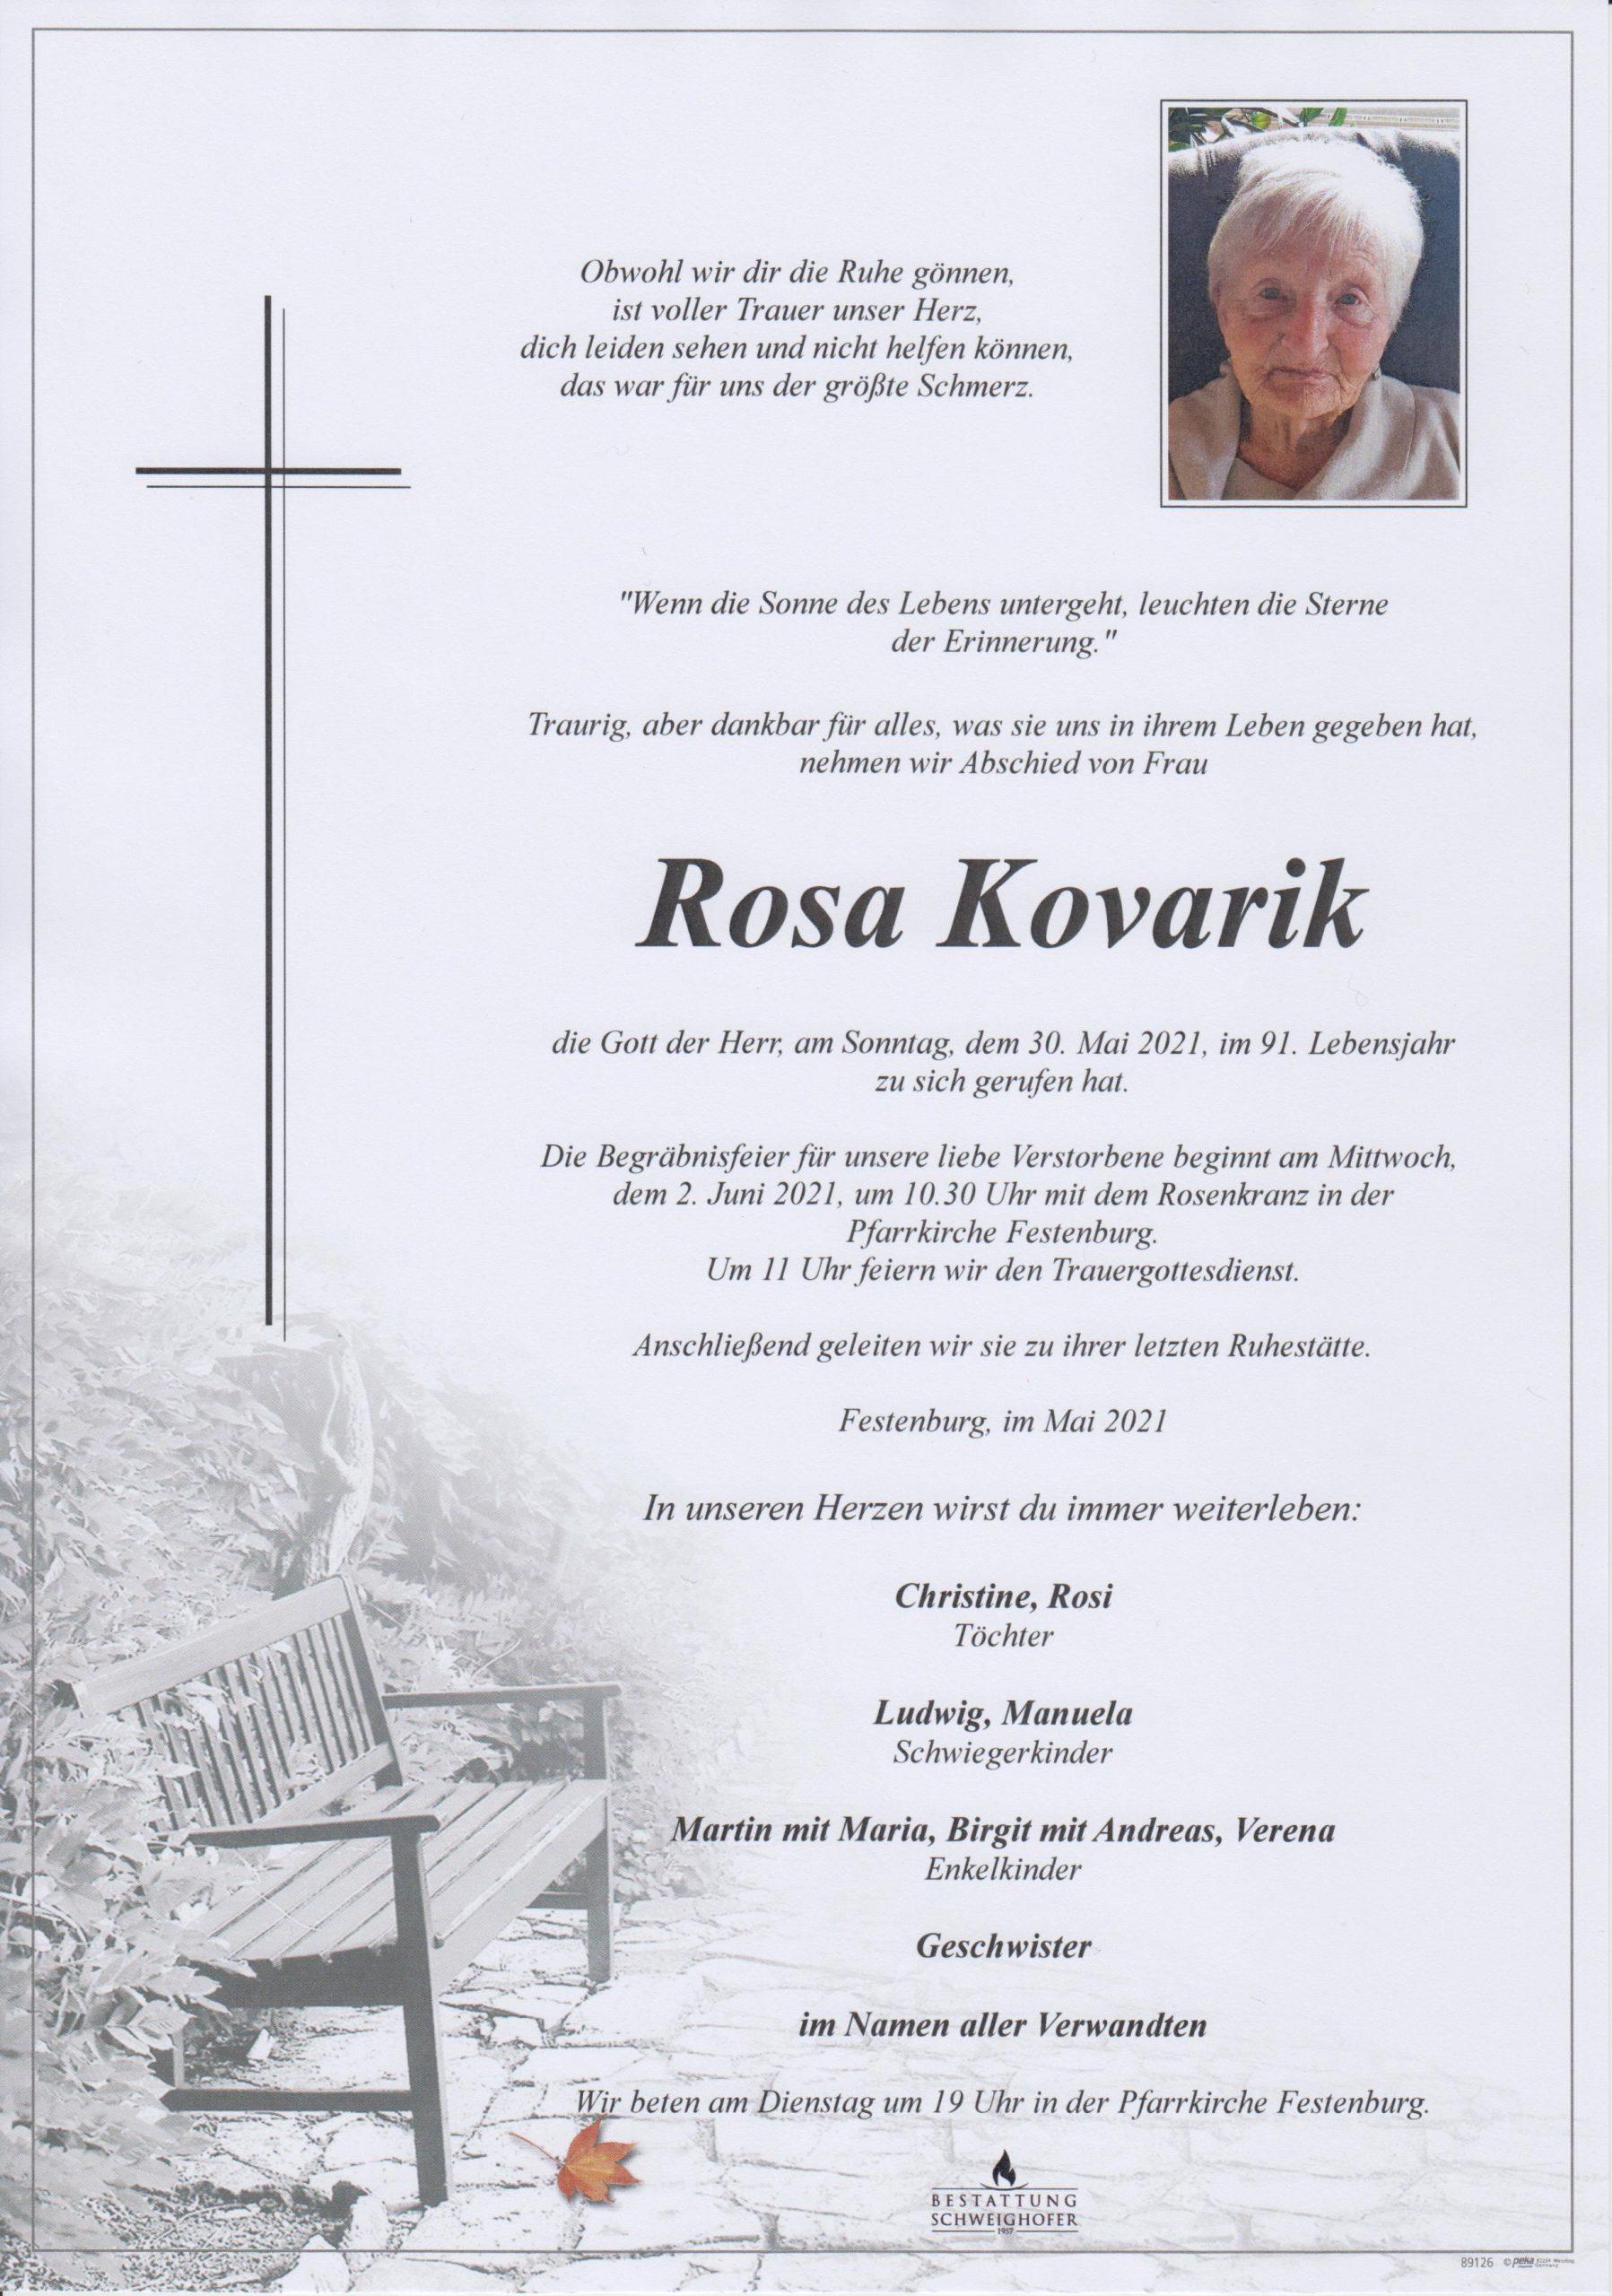 Rosa Kovarik